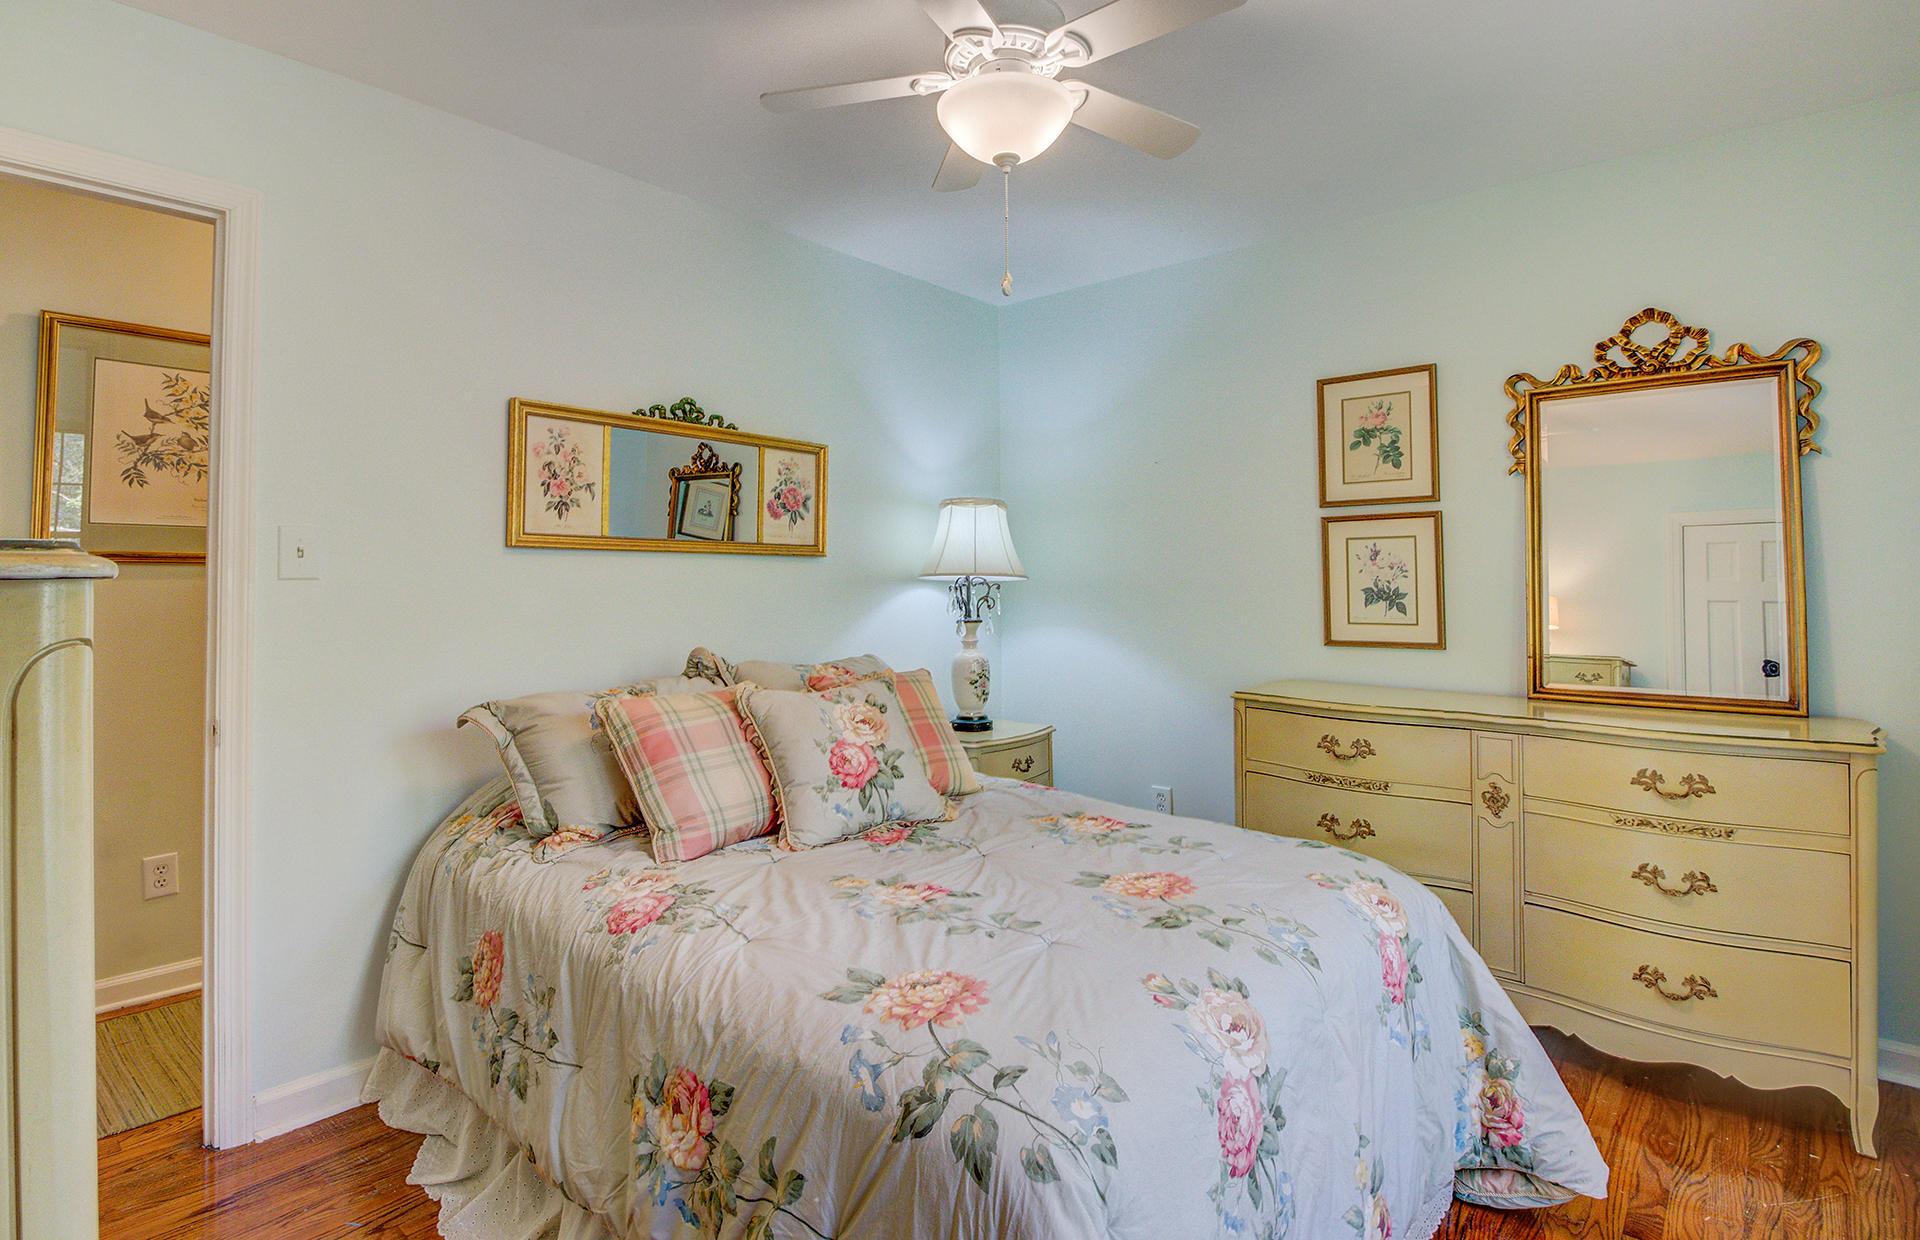 Pine Forest Inn Homes For Sale - 543 Simmons, Summerville, SC - 61